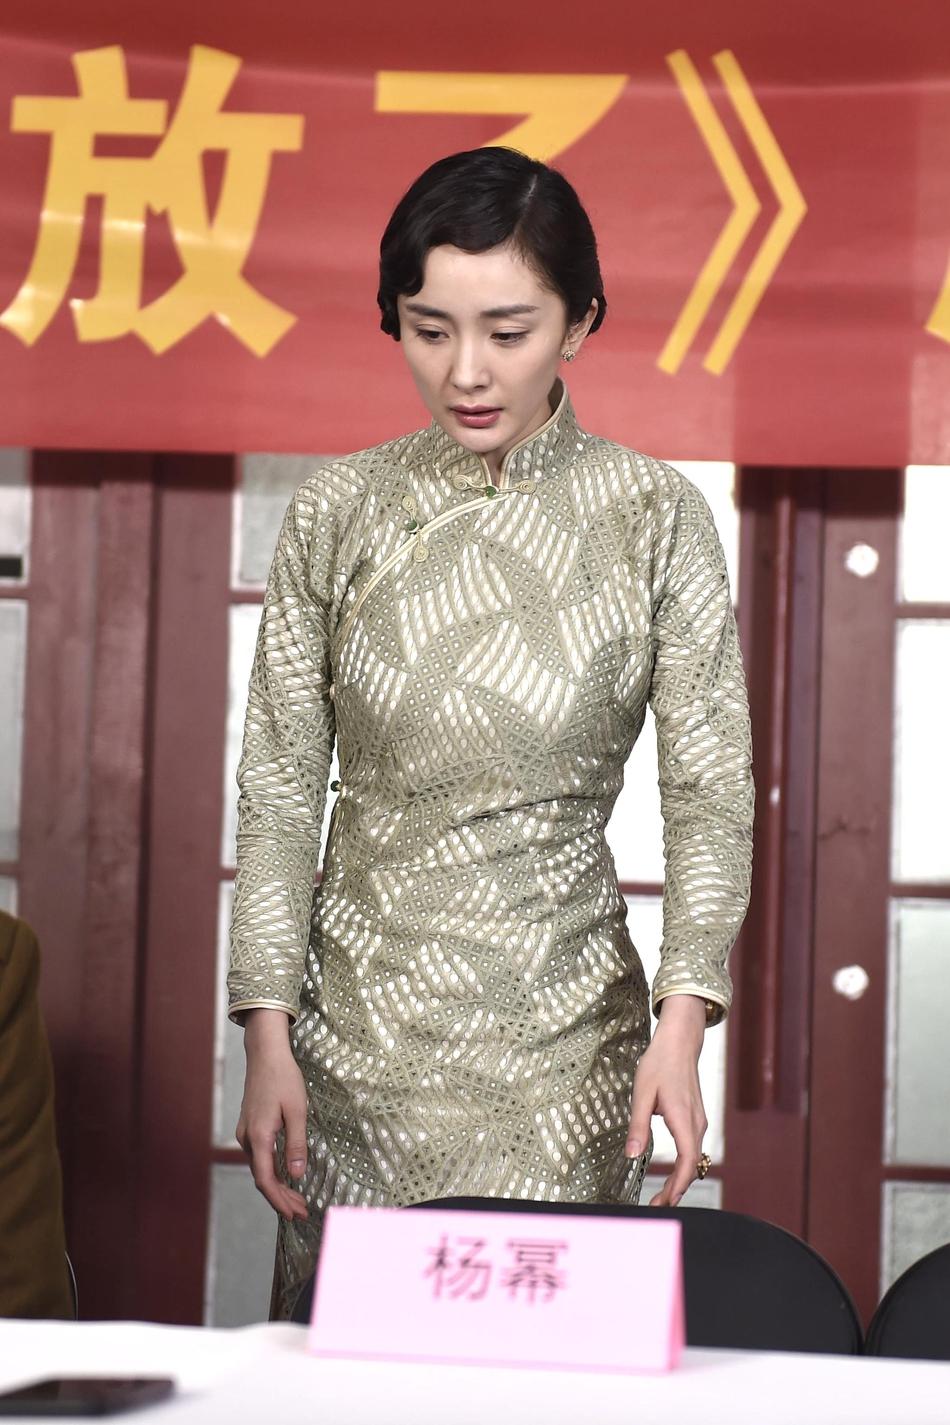 杨幂出演恩师李少红新片 旗袍造型曝光温婉可人